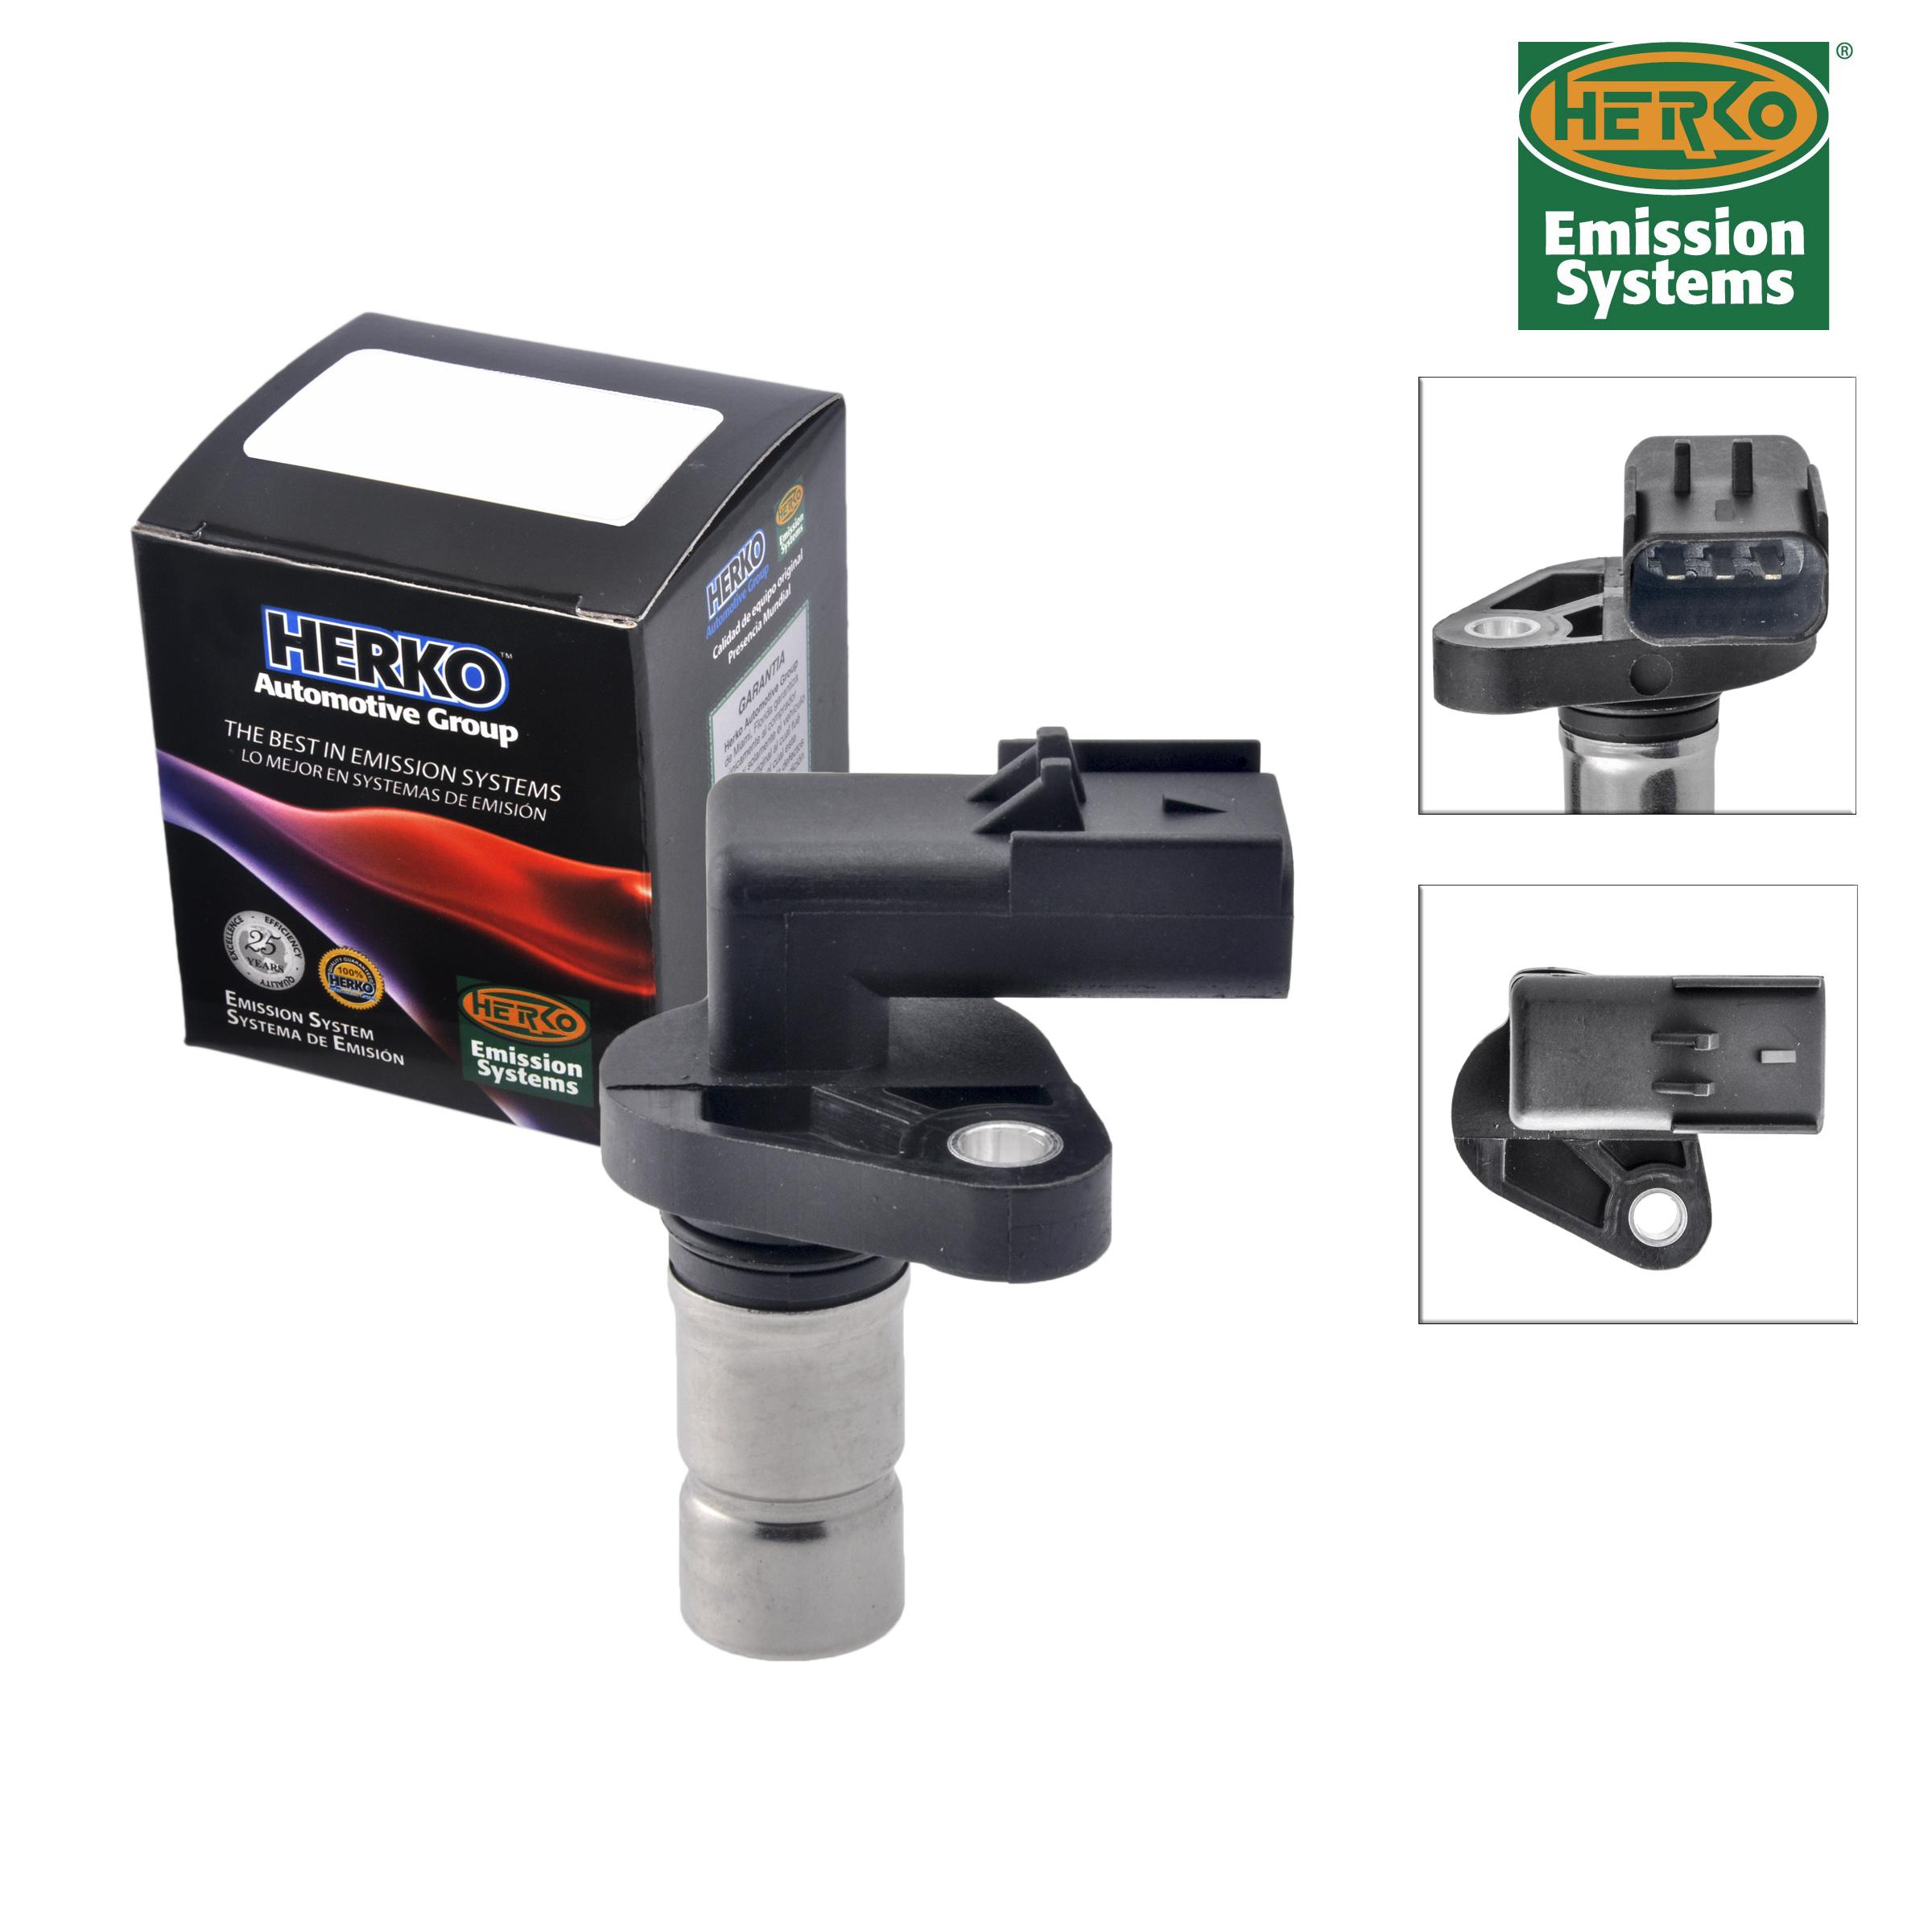 Details about Herko Engine Crankshaft Position Sensor CKP2021 For Chrysler  Dodge 95-02